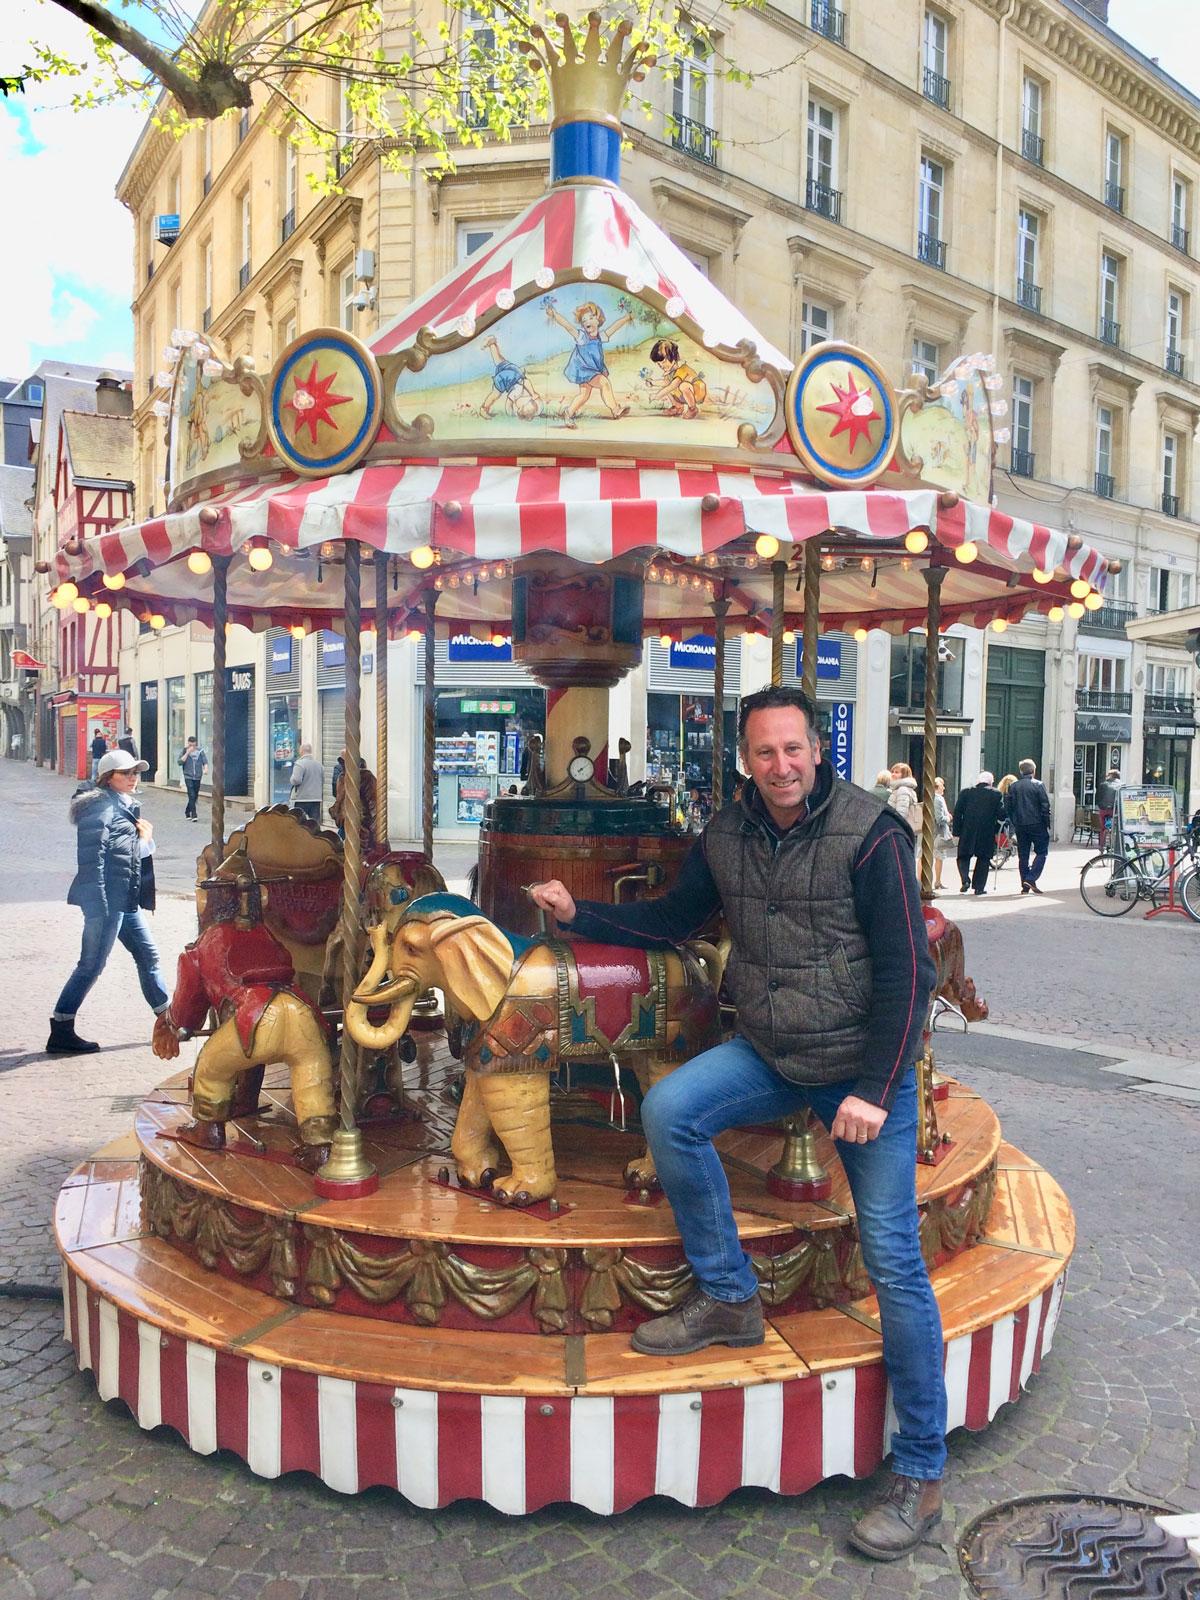 Mini carrousel à Rouen, place du vieux Marché